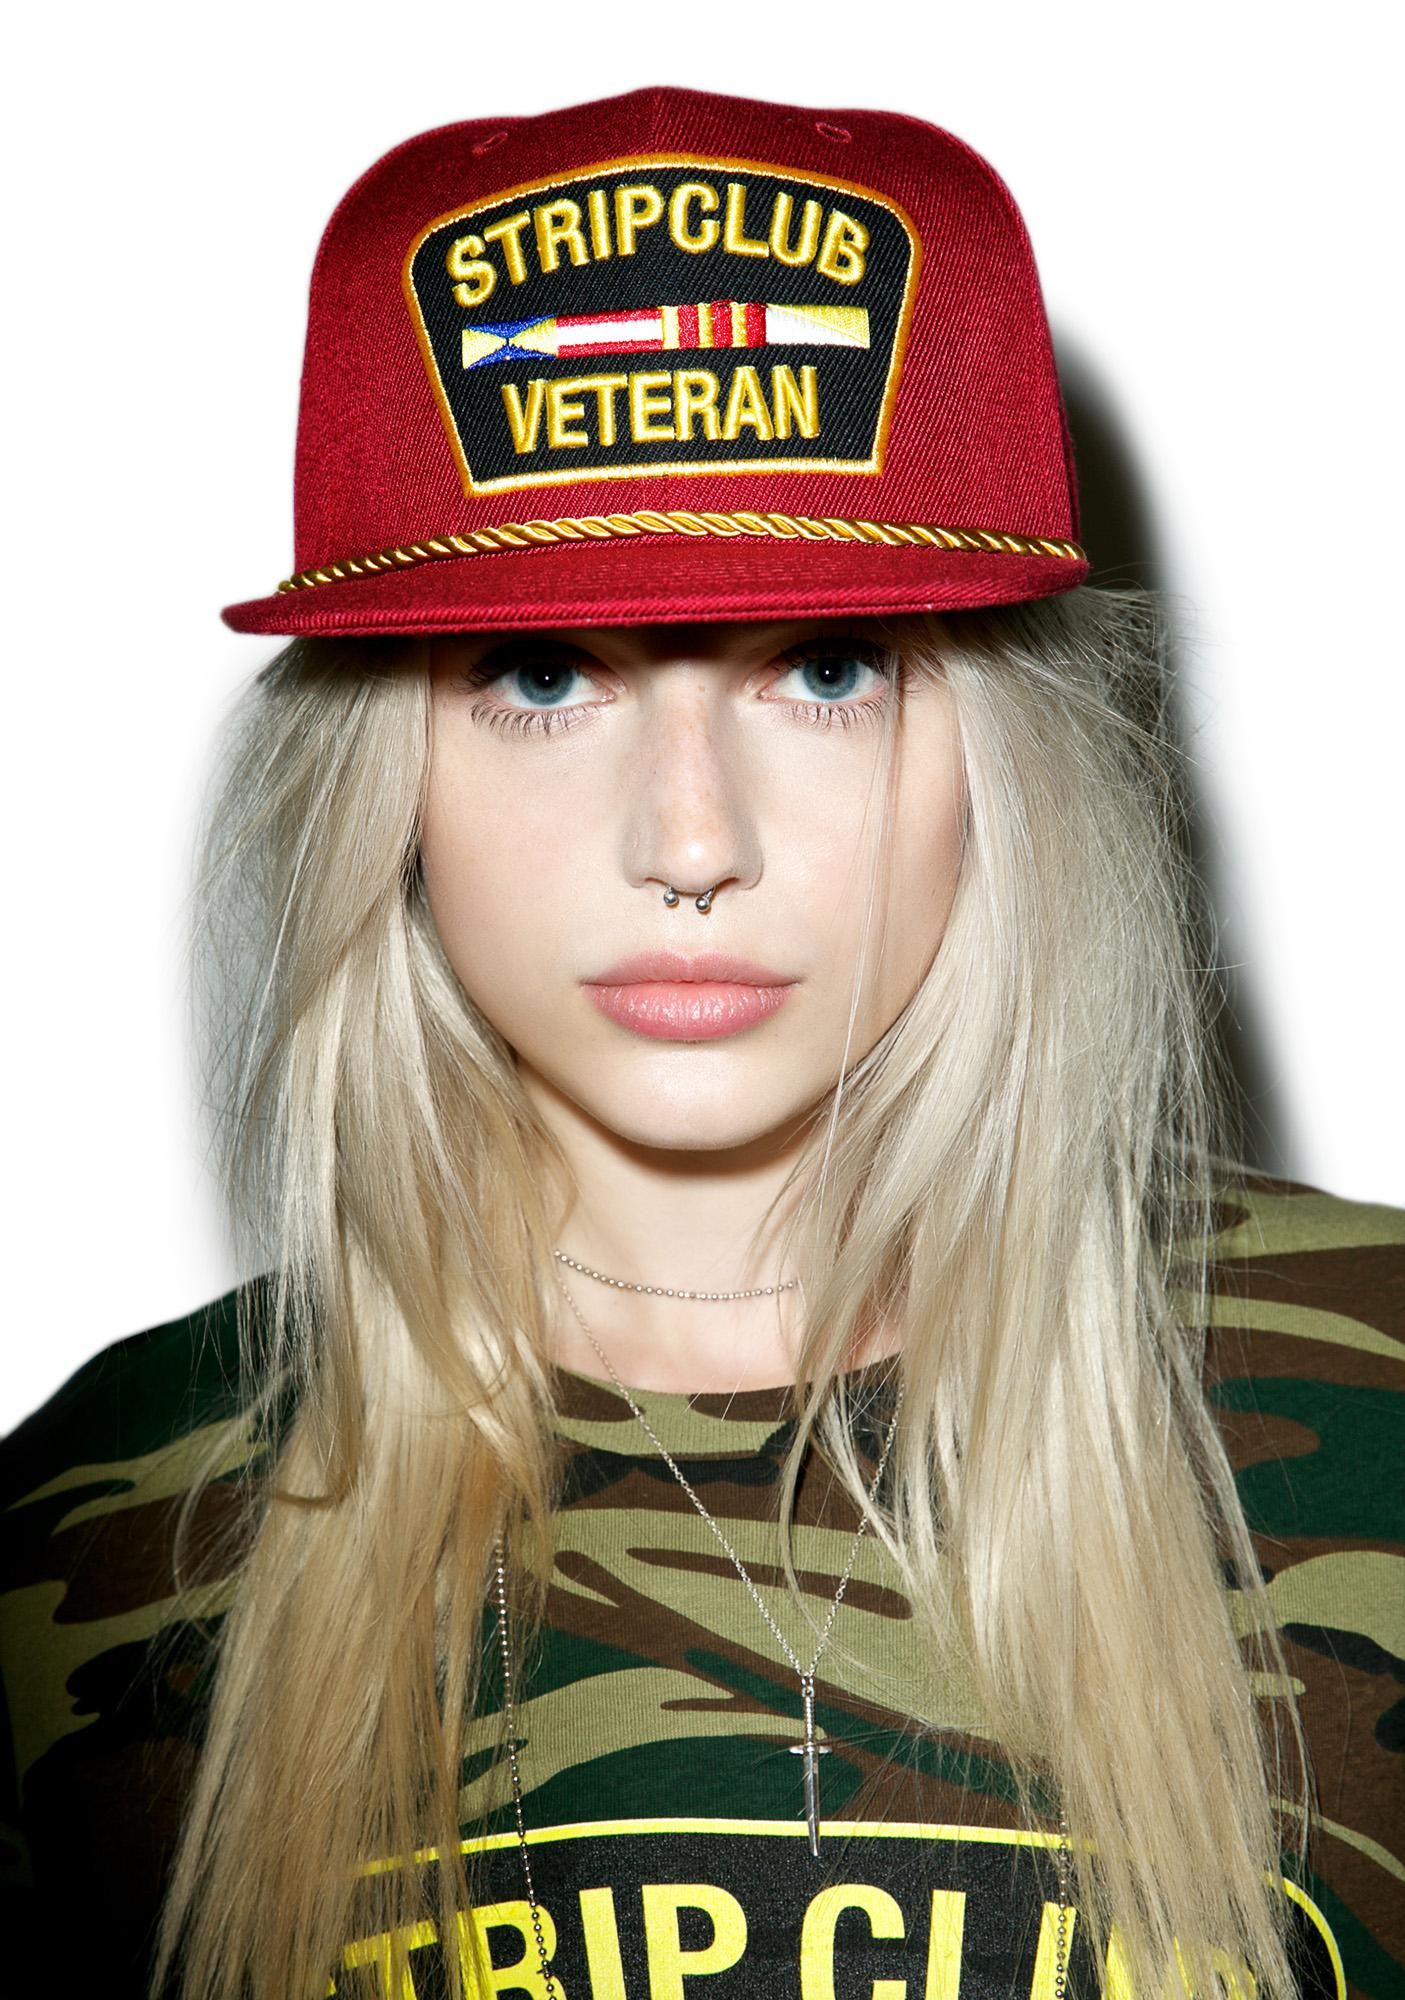 d51f05d89b4 Reason Strip Club Veteran Snapback